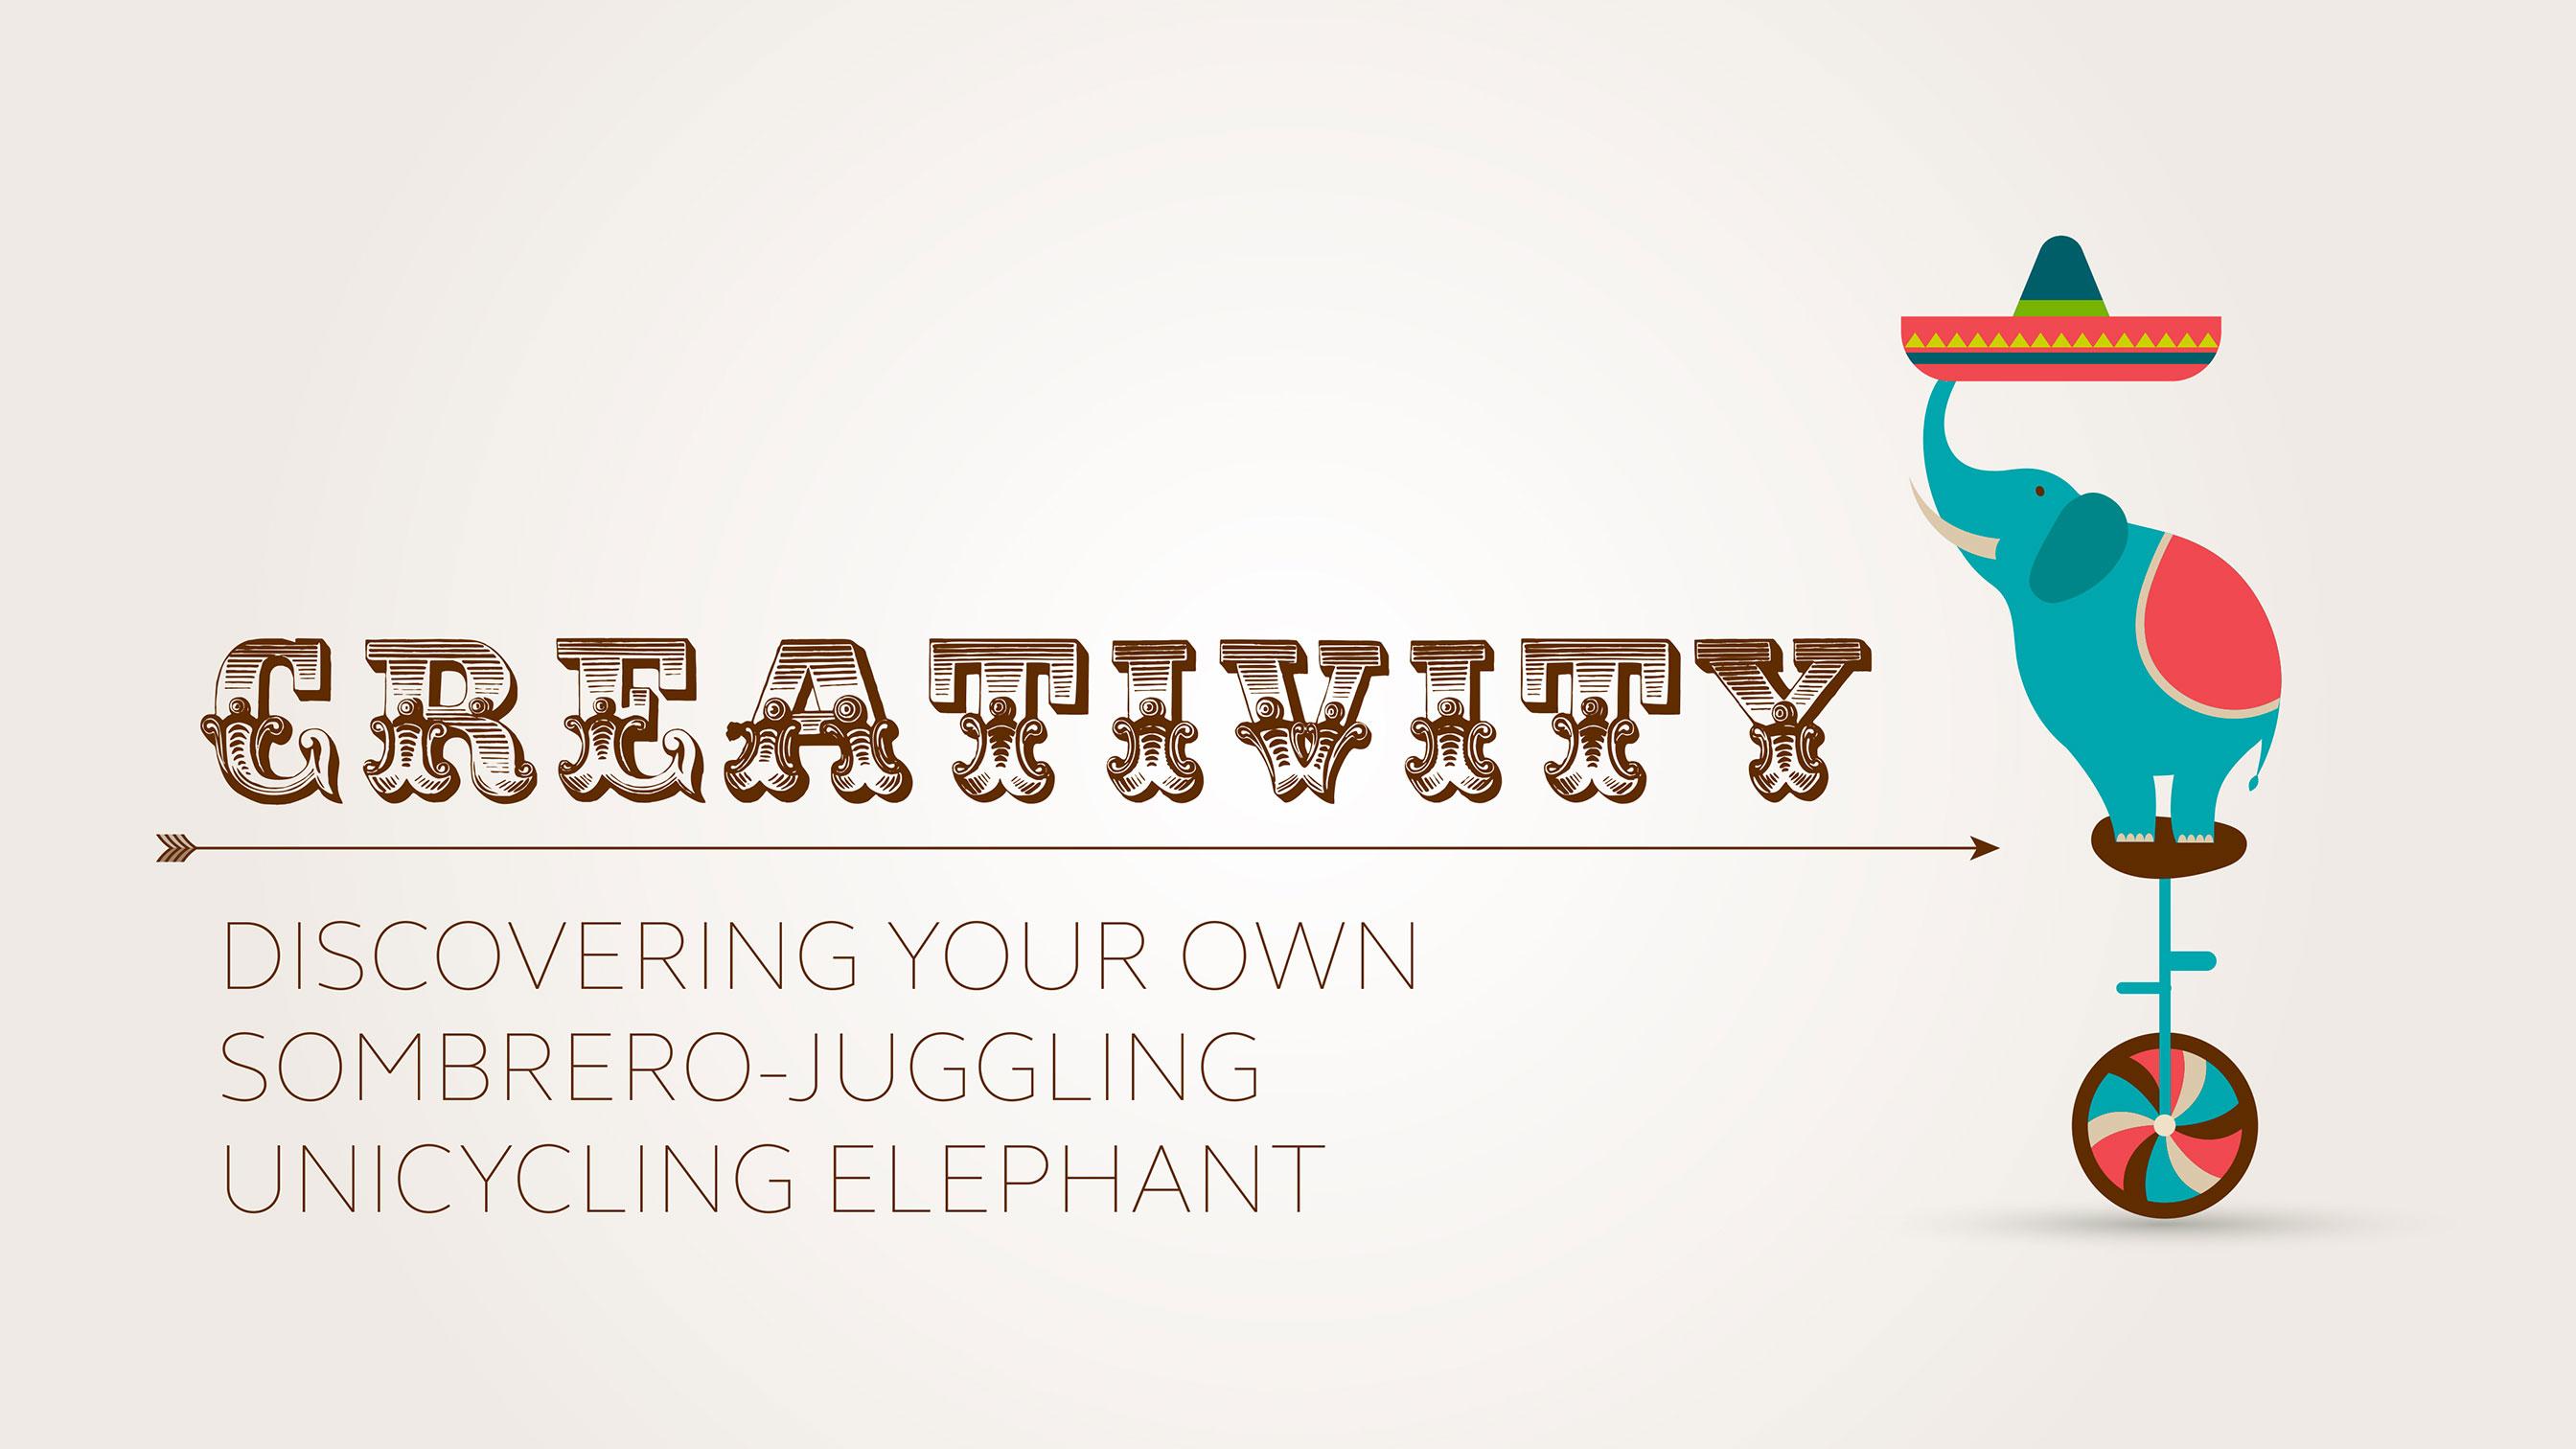 Creativity illustration with elephant on unicycle